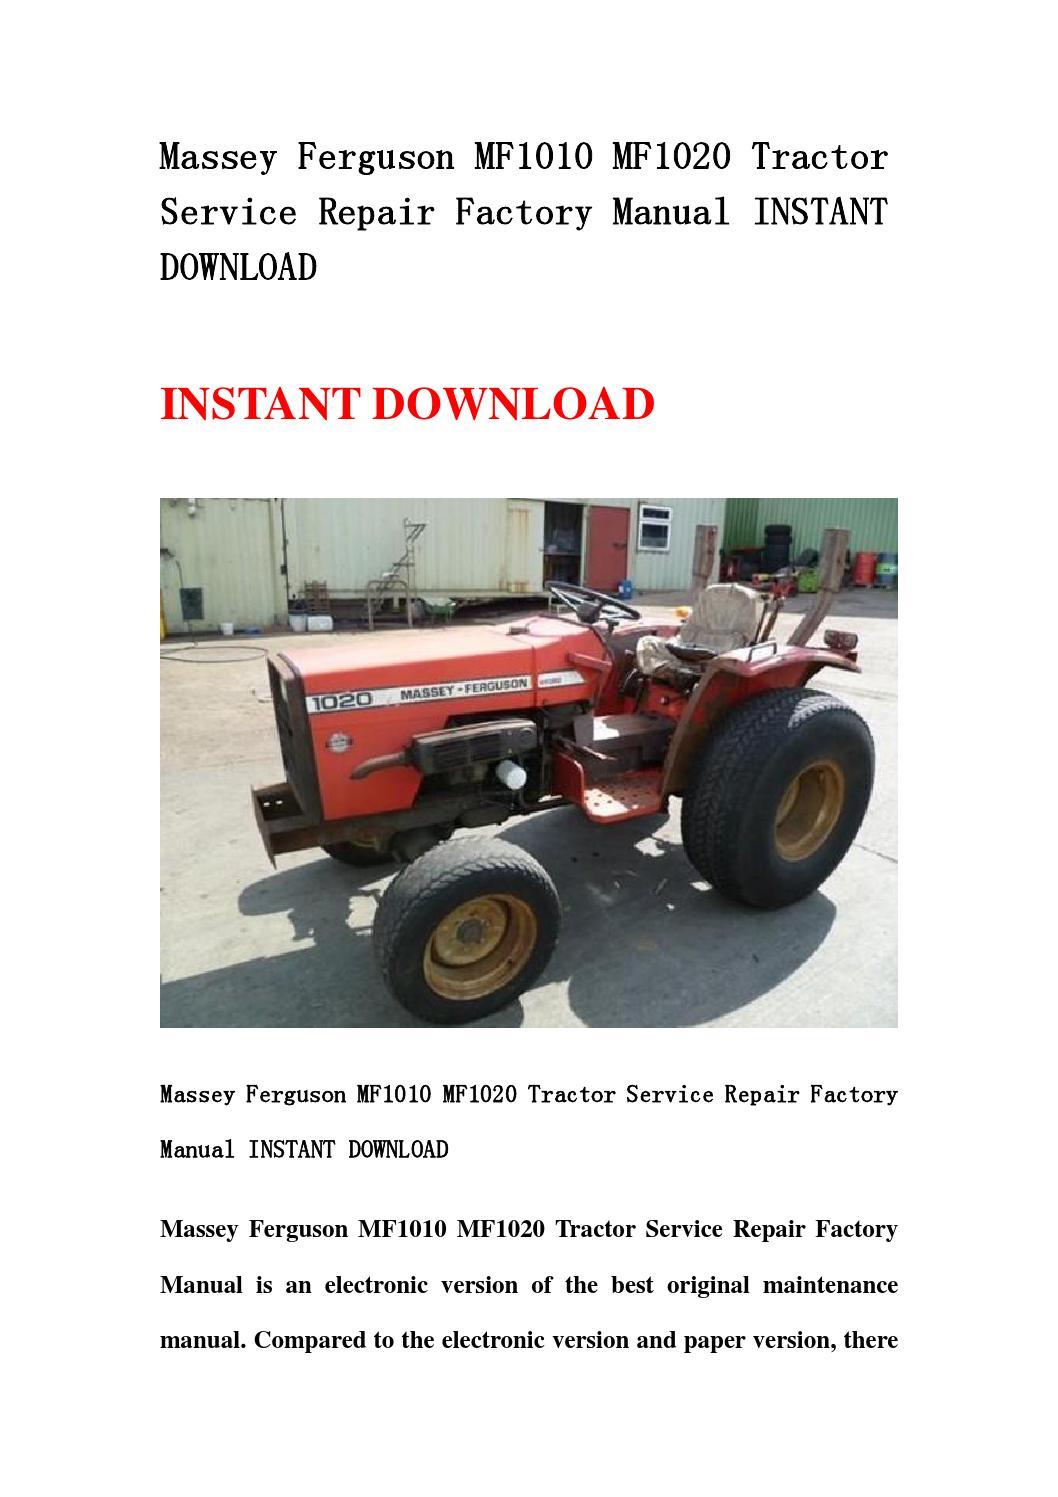 massey ferguson to35 manual download